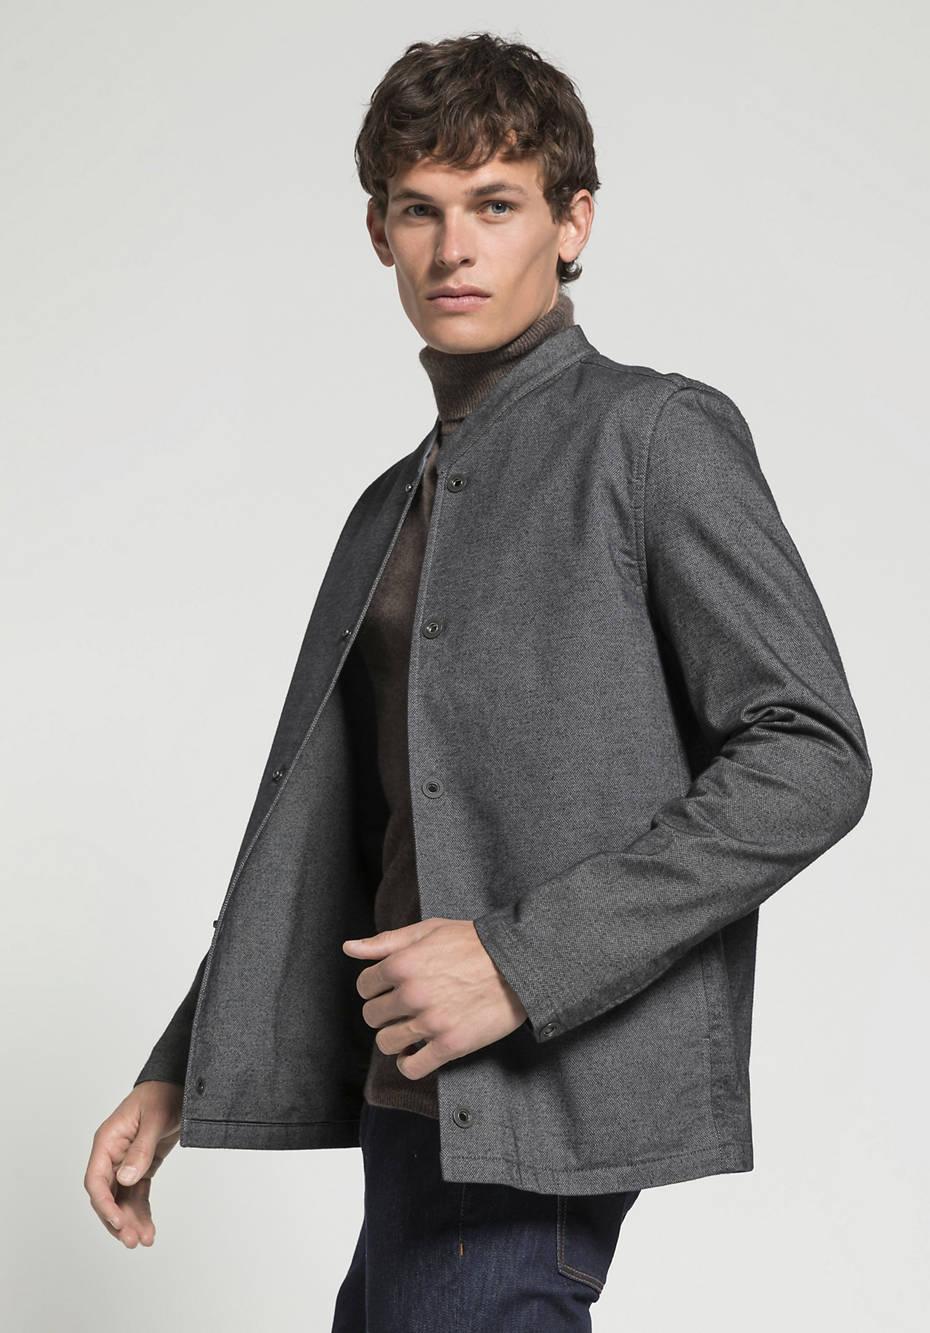 Herren Workwear-Jacke aus Bio-Baumwolle